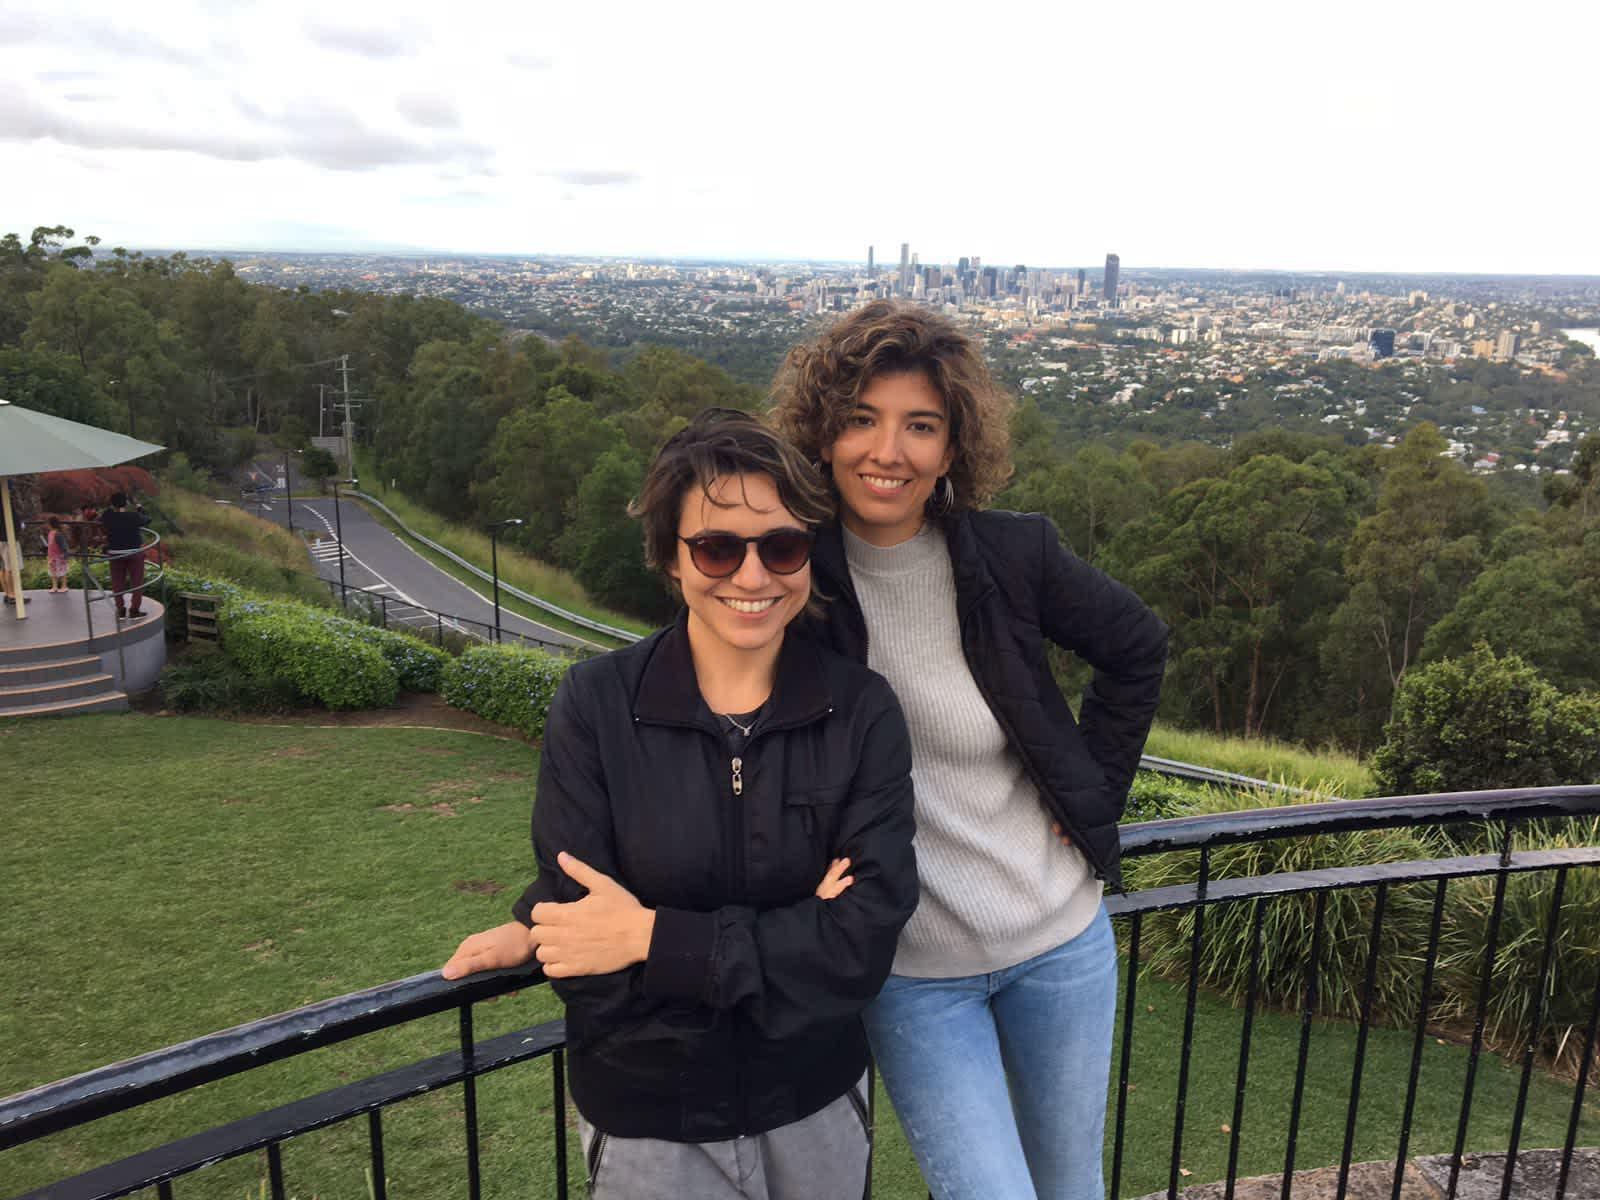 Gisa & Livia from Melbourne, Victoria, Australia